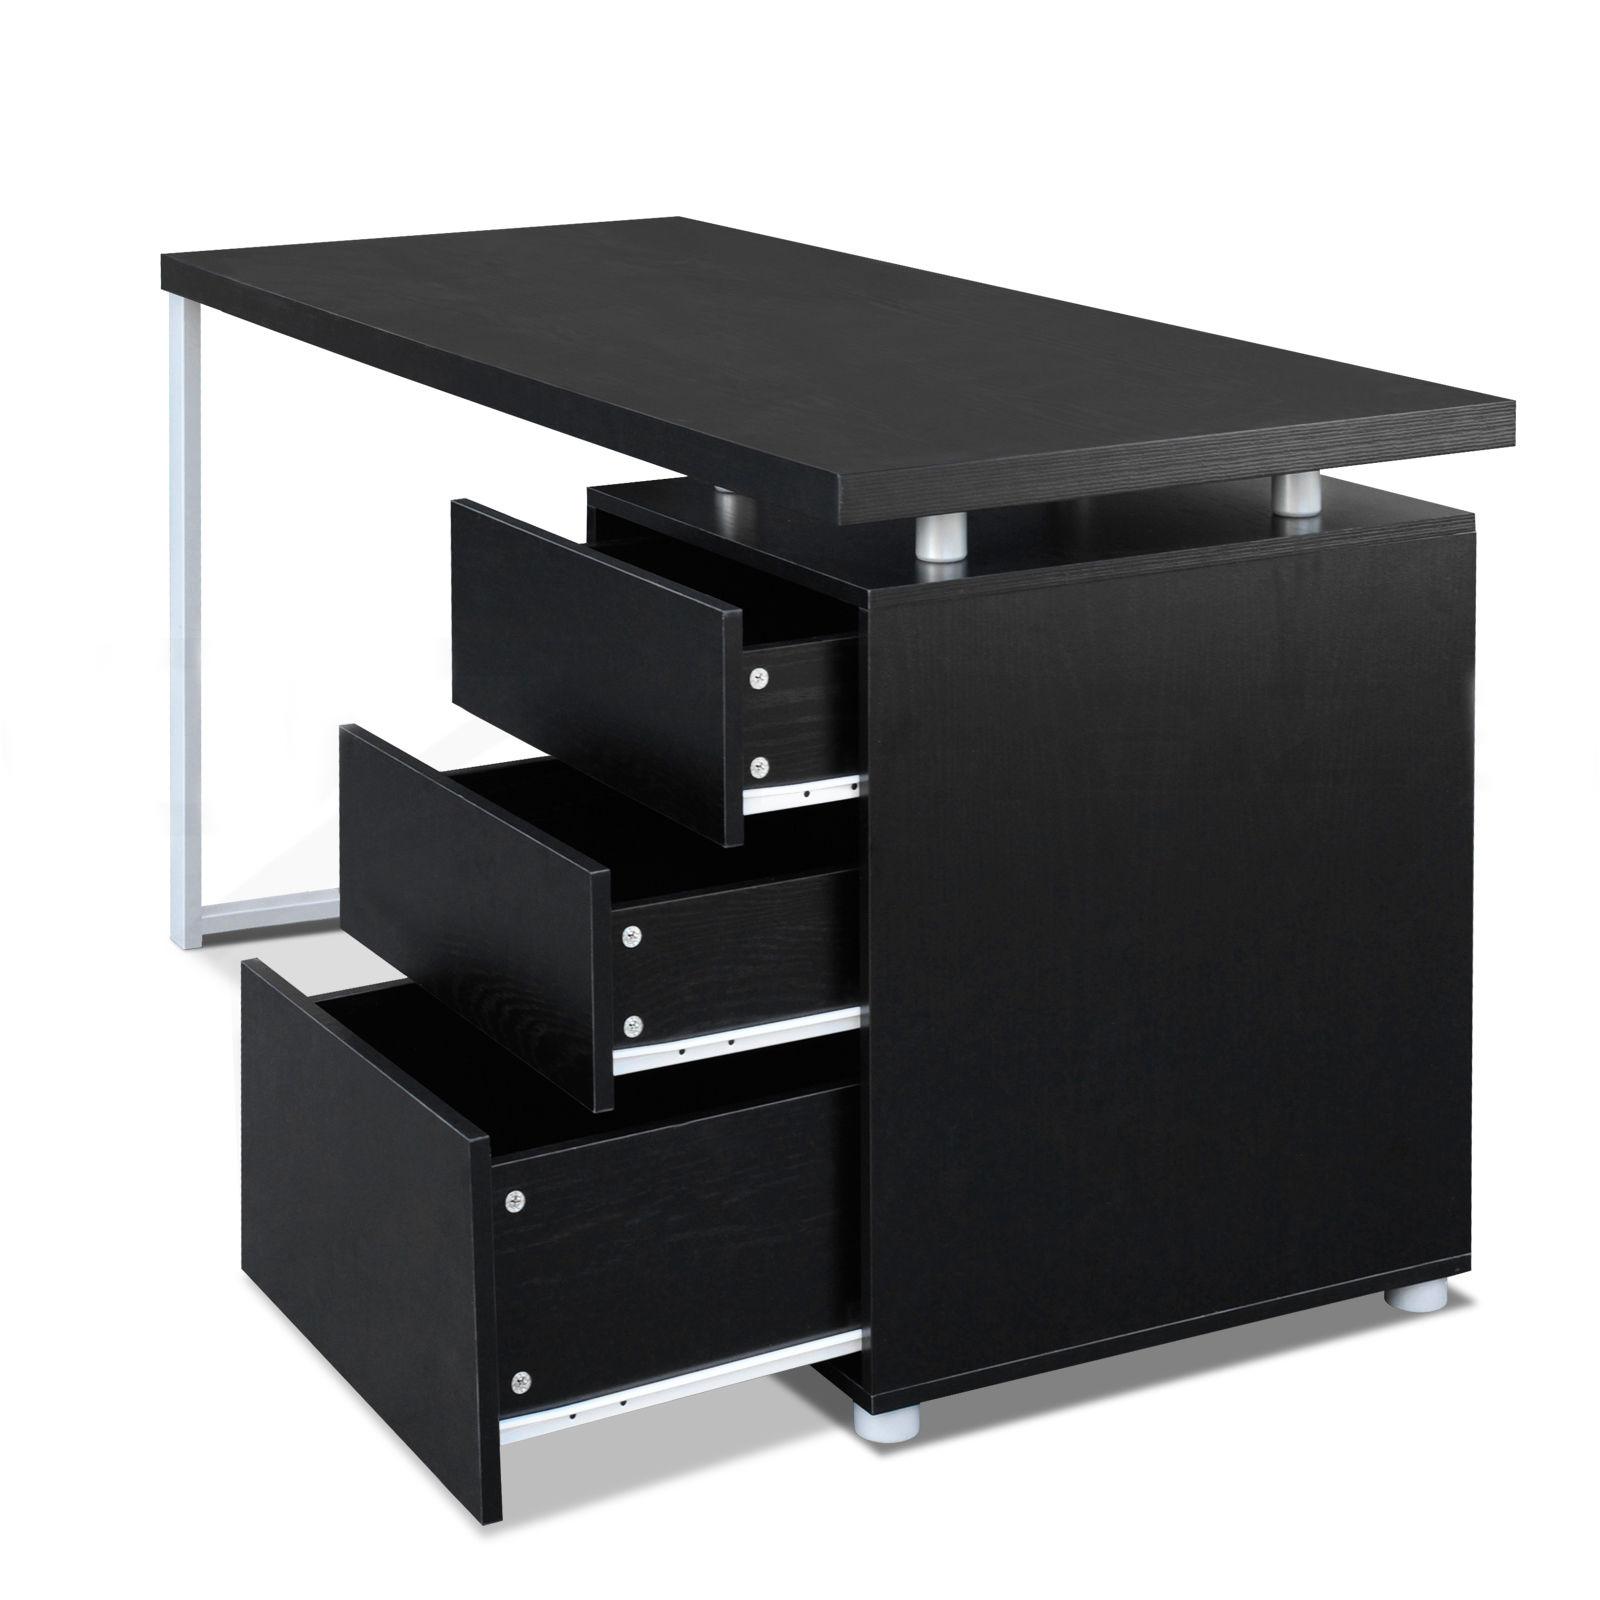 Office Computer Desk Home Study Table 3 Drawer Cabinet Student Kids Desk  Black